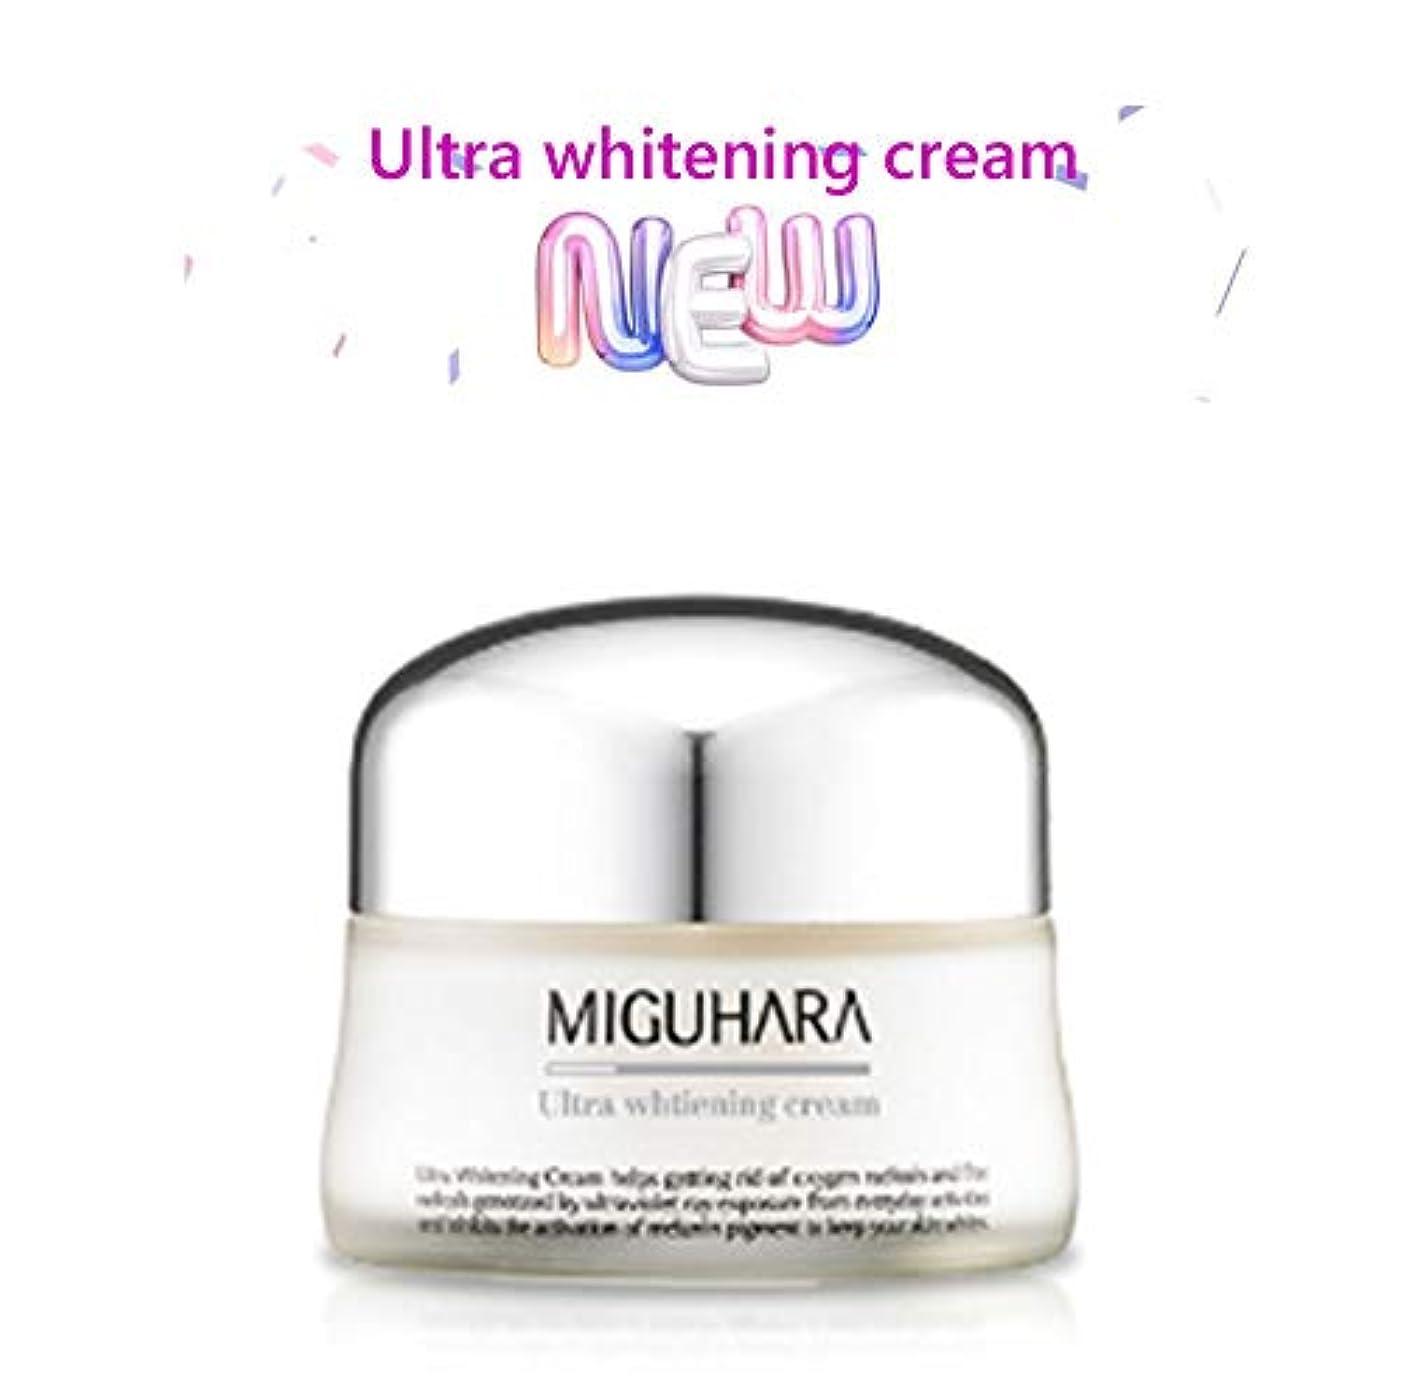 おとなしいする必要がある連続的MIGUHARA ウルトラホワイトニングクリーム 50ml /Ultra Whitening Cream 50ml